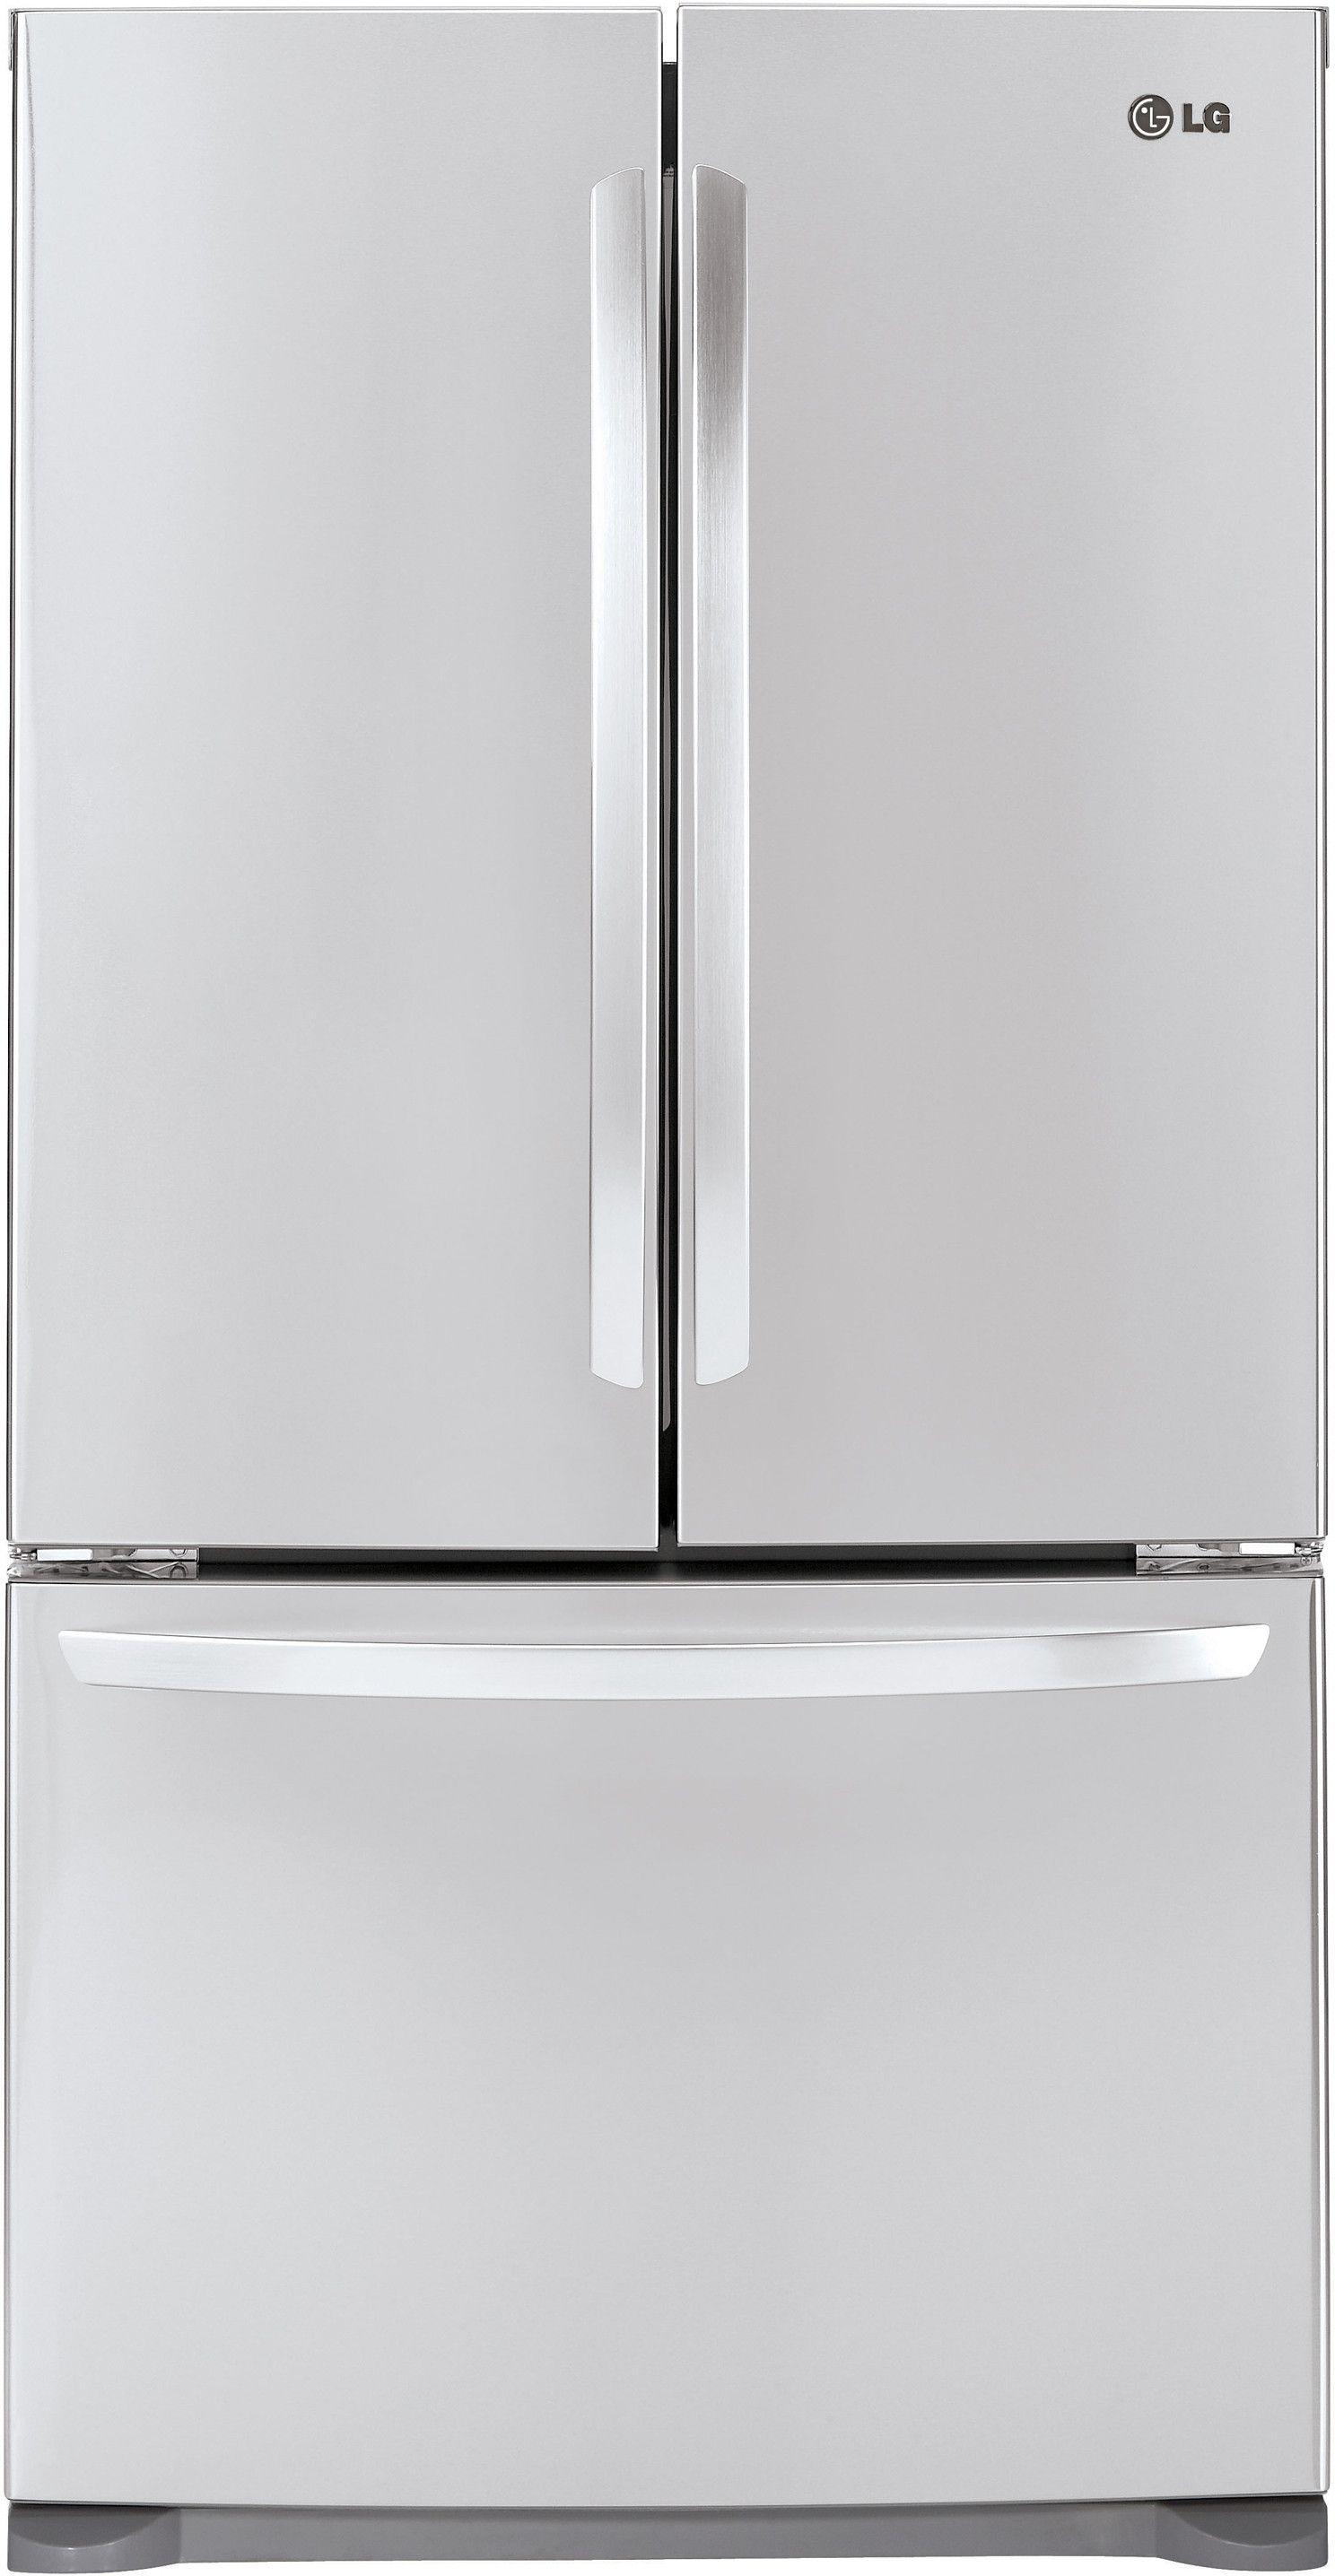 Küche interieur farbschemata top prachtvolles meisten zuverlässige küche appliances ideenreichtum